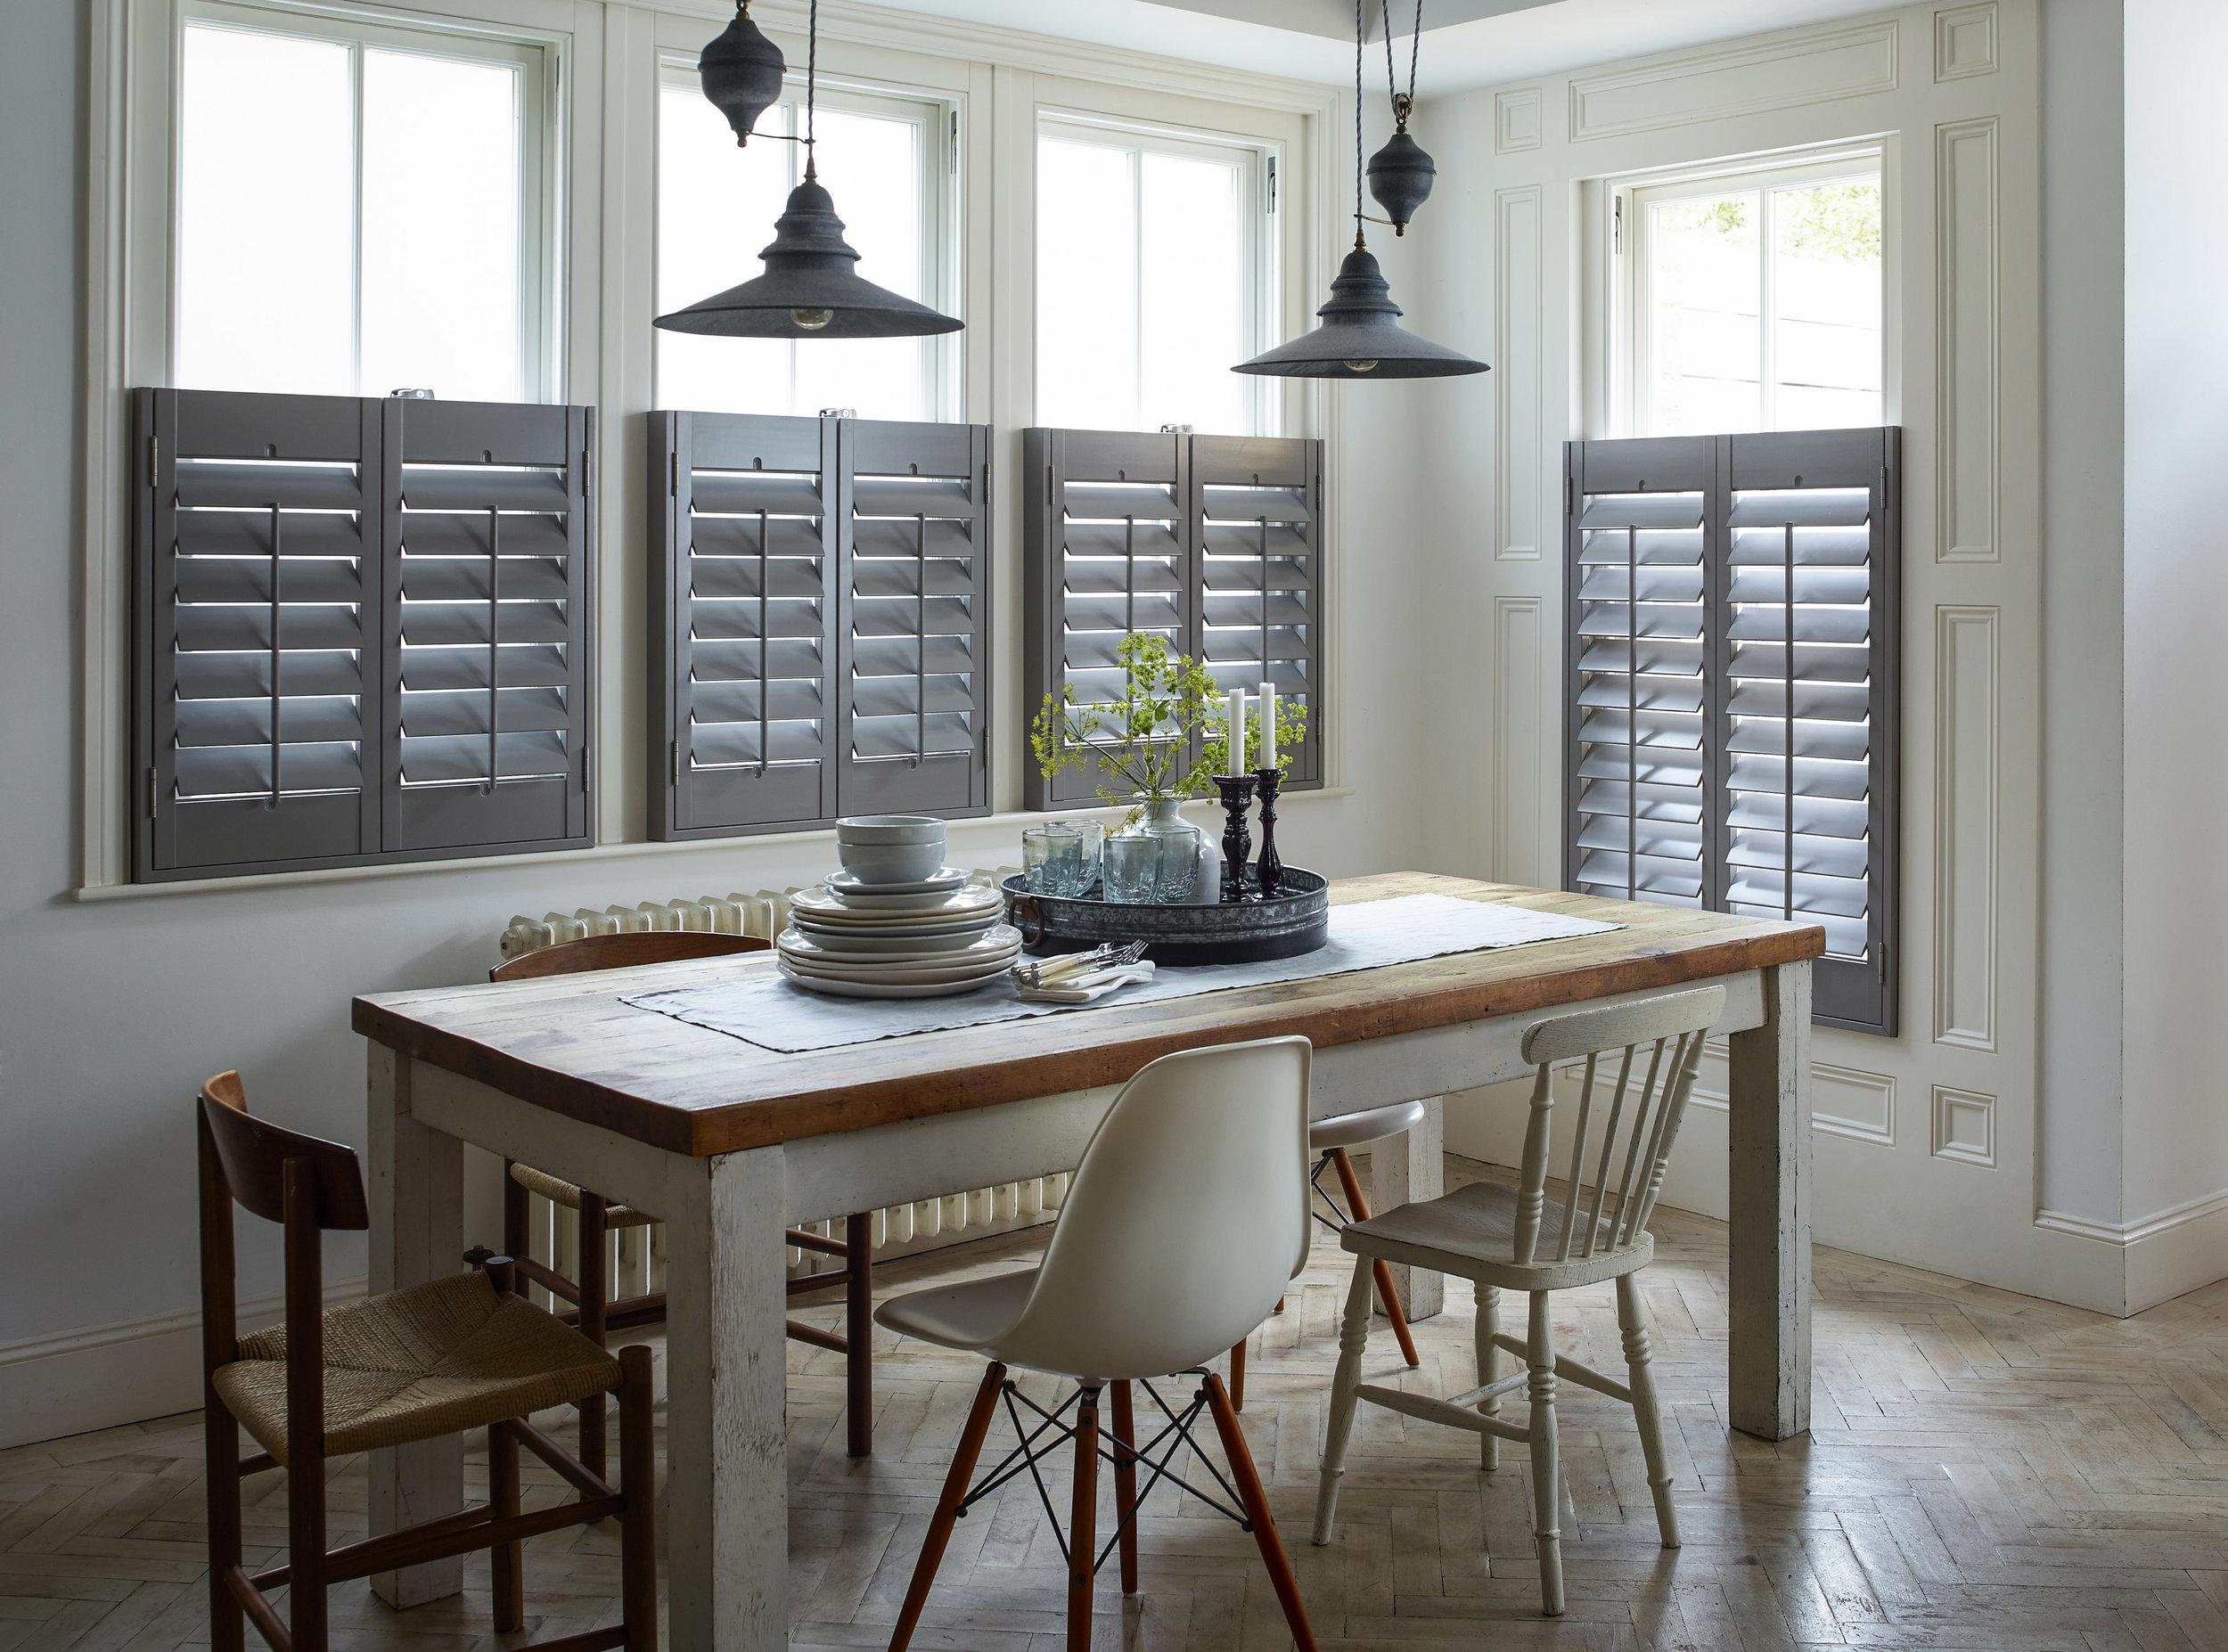 shutterfly fabulous shutters